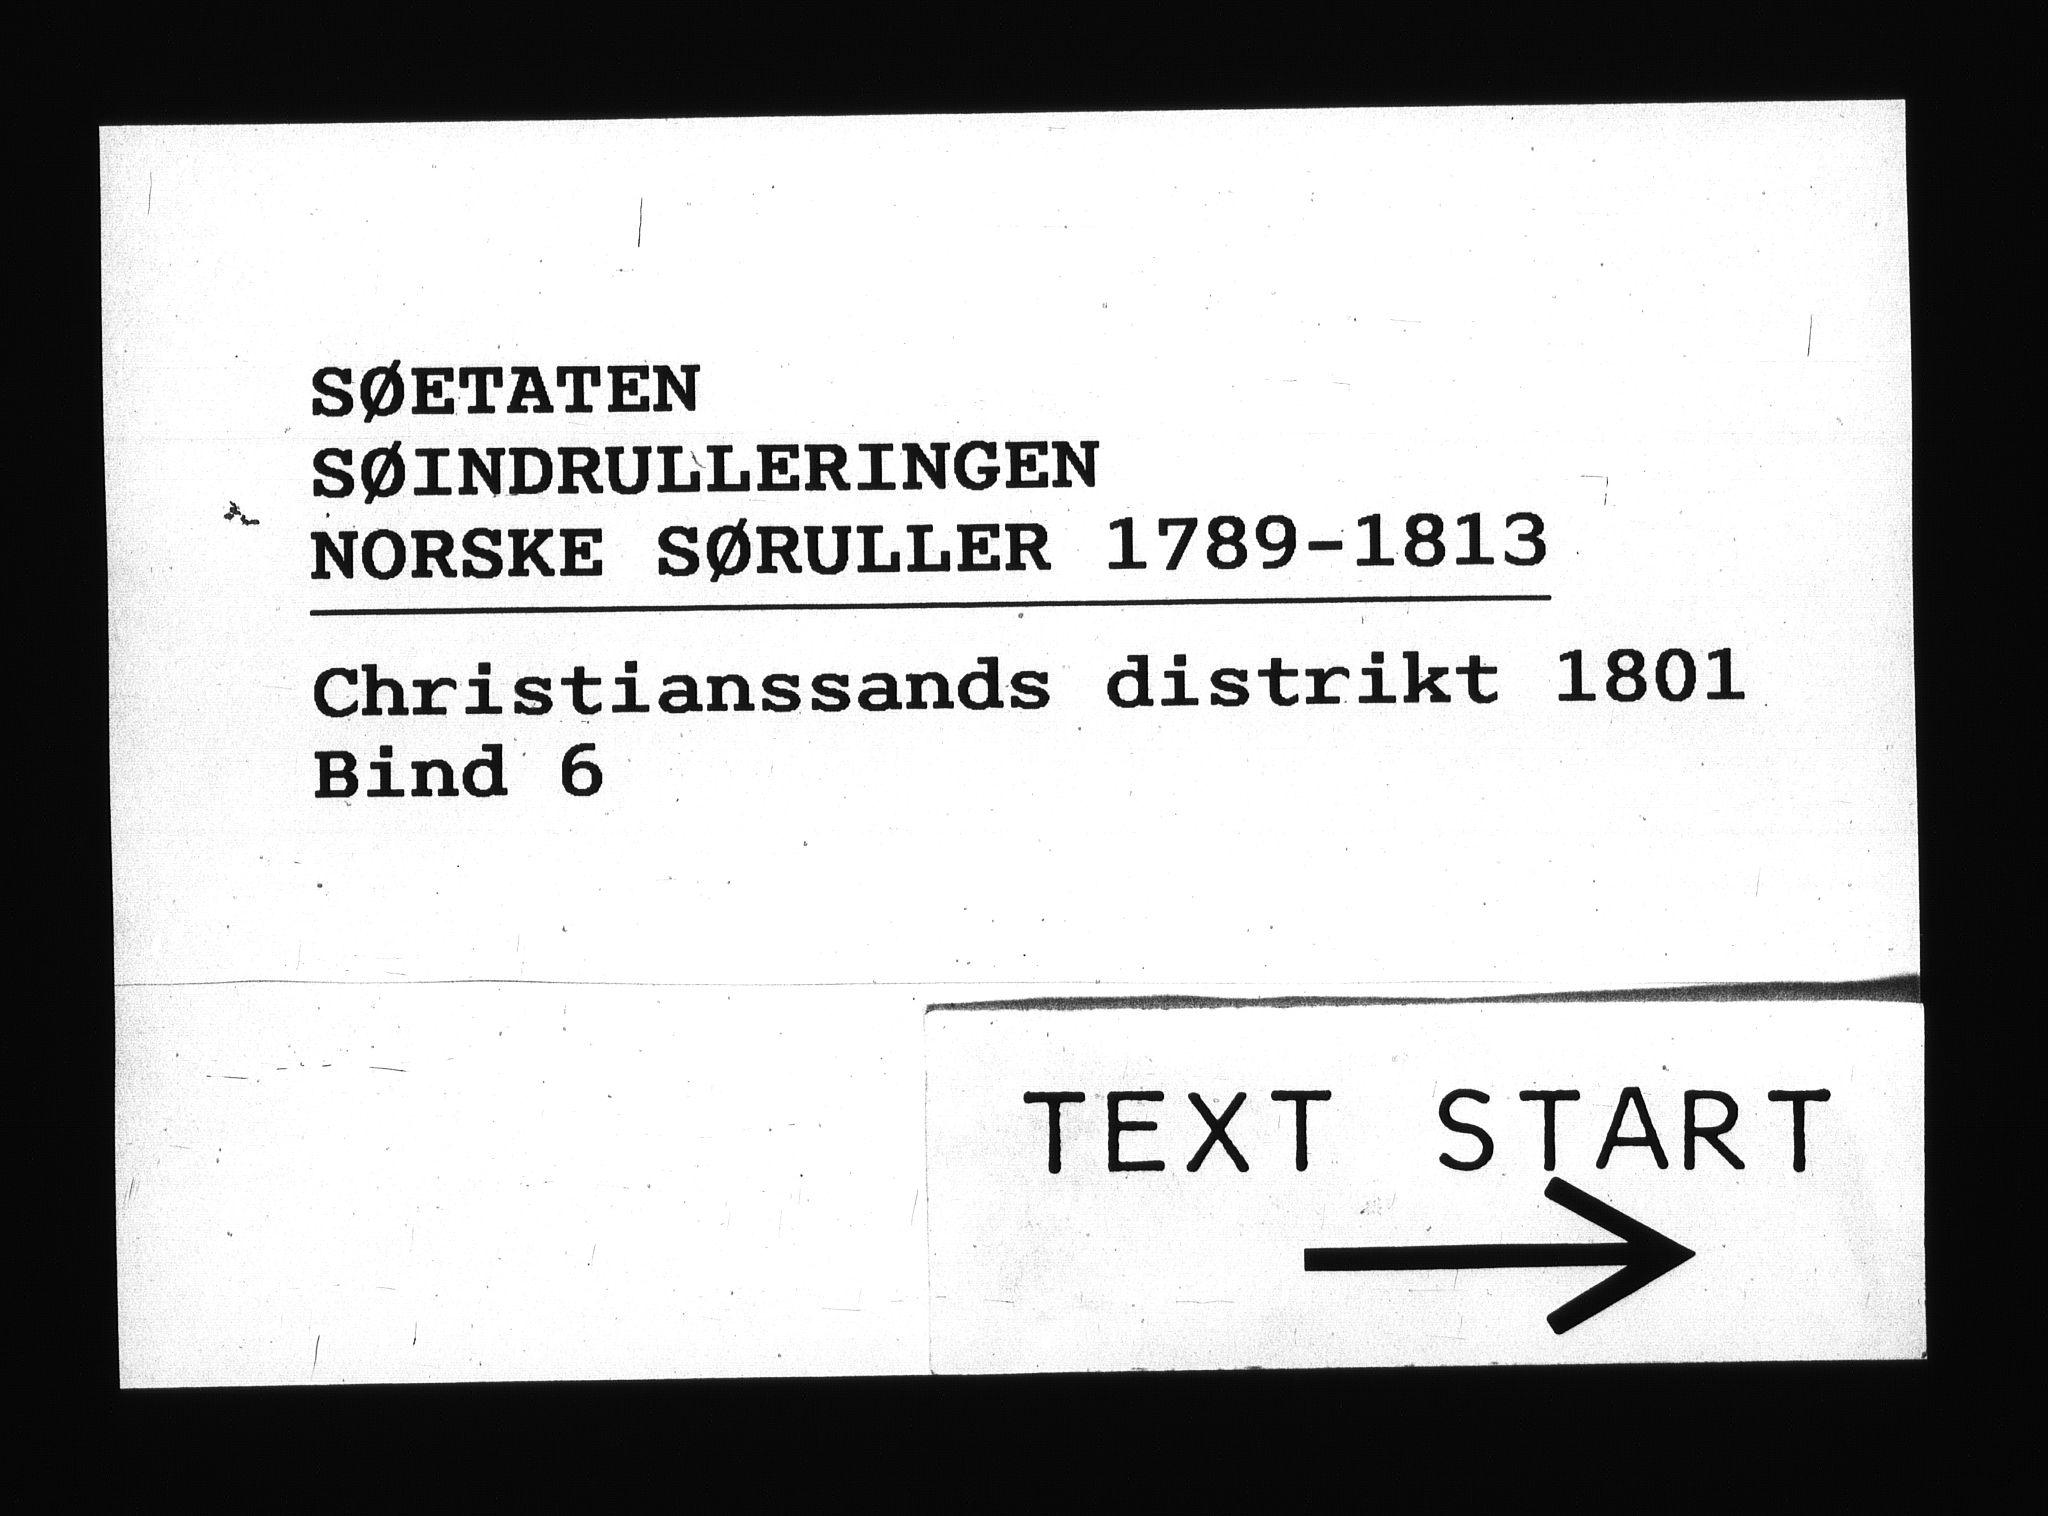 RA, Sjøetaten, F/L0047: Kristiansand distrikt, bind 6, 1801